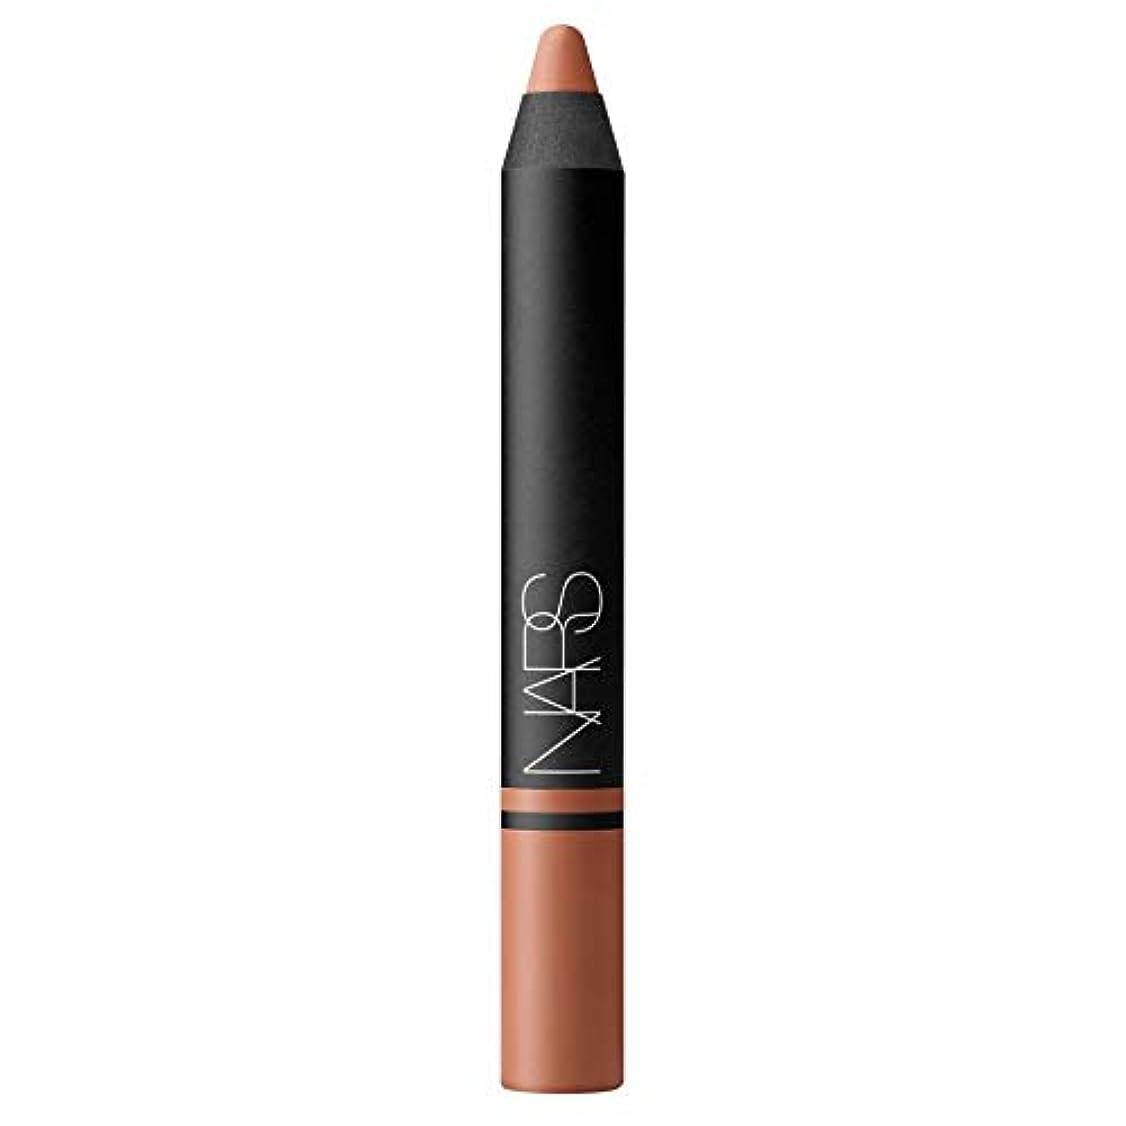 ディスパッチ作曲するラッカス[NARS] ベッラ島でのNarサテンリップペンシル - Nars Satin Lip Pencil in Isola Bella [並行輸入品]